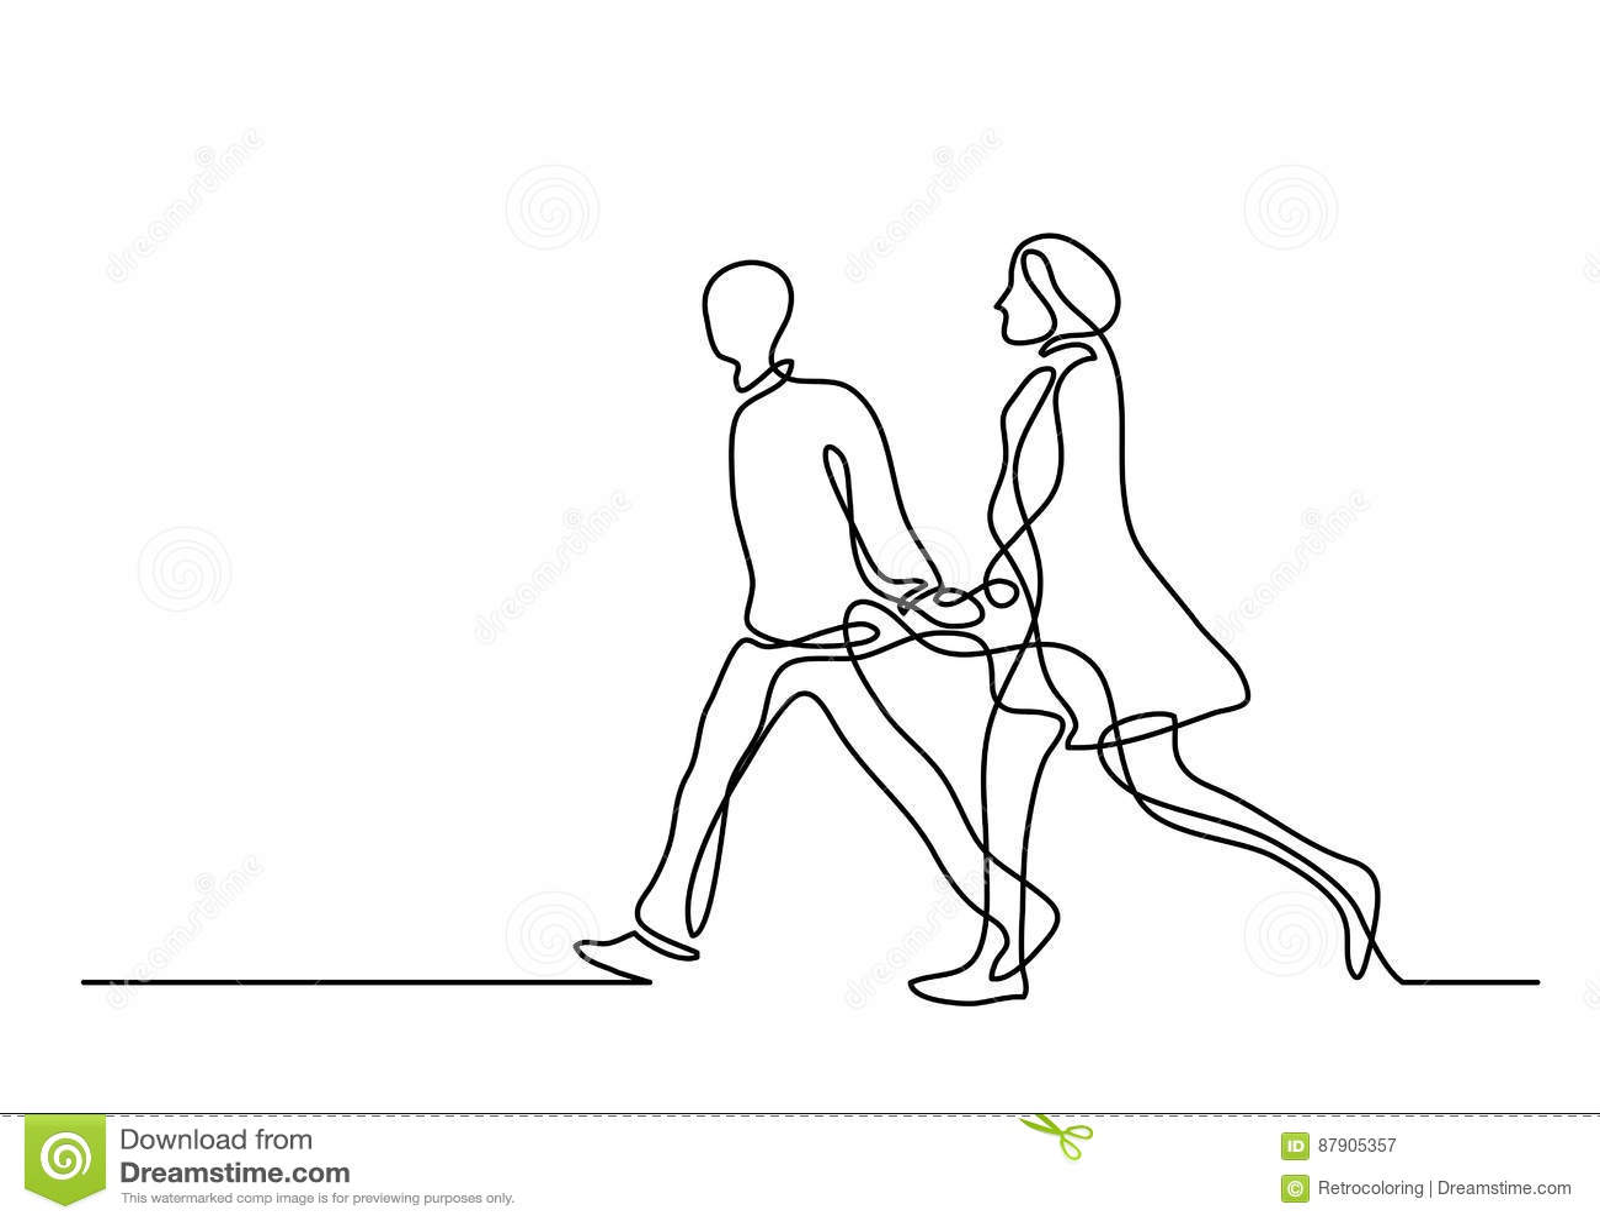 Dessin Au Trait Continu Des Couples De Marche Illustration